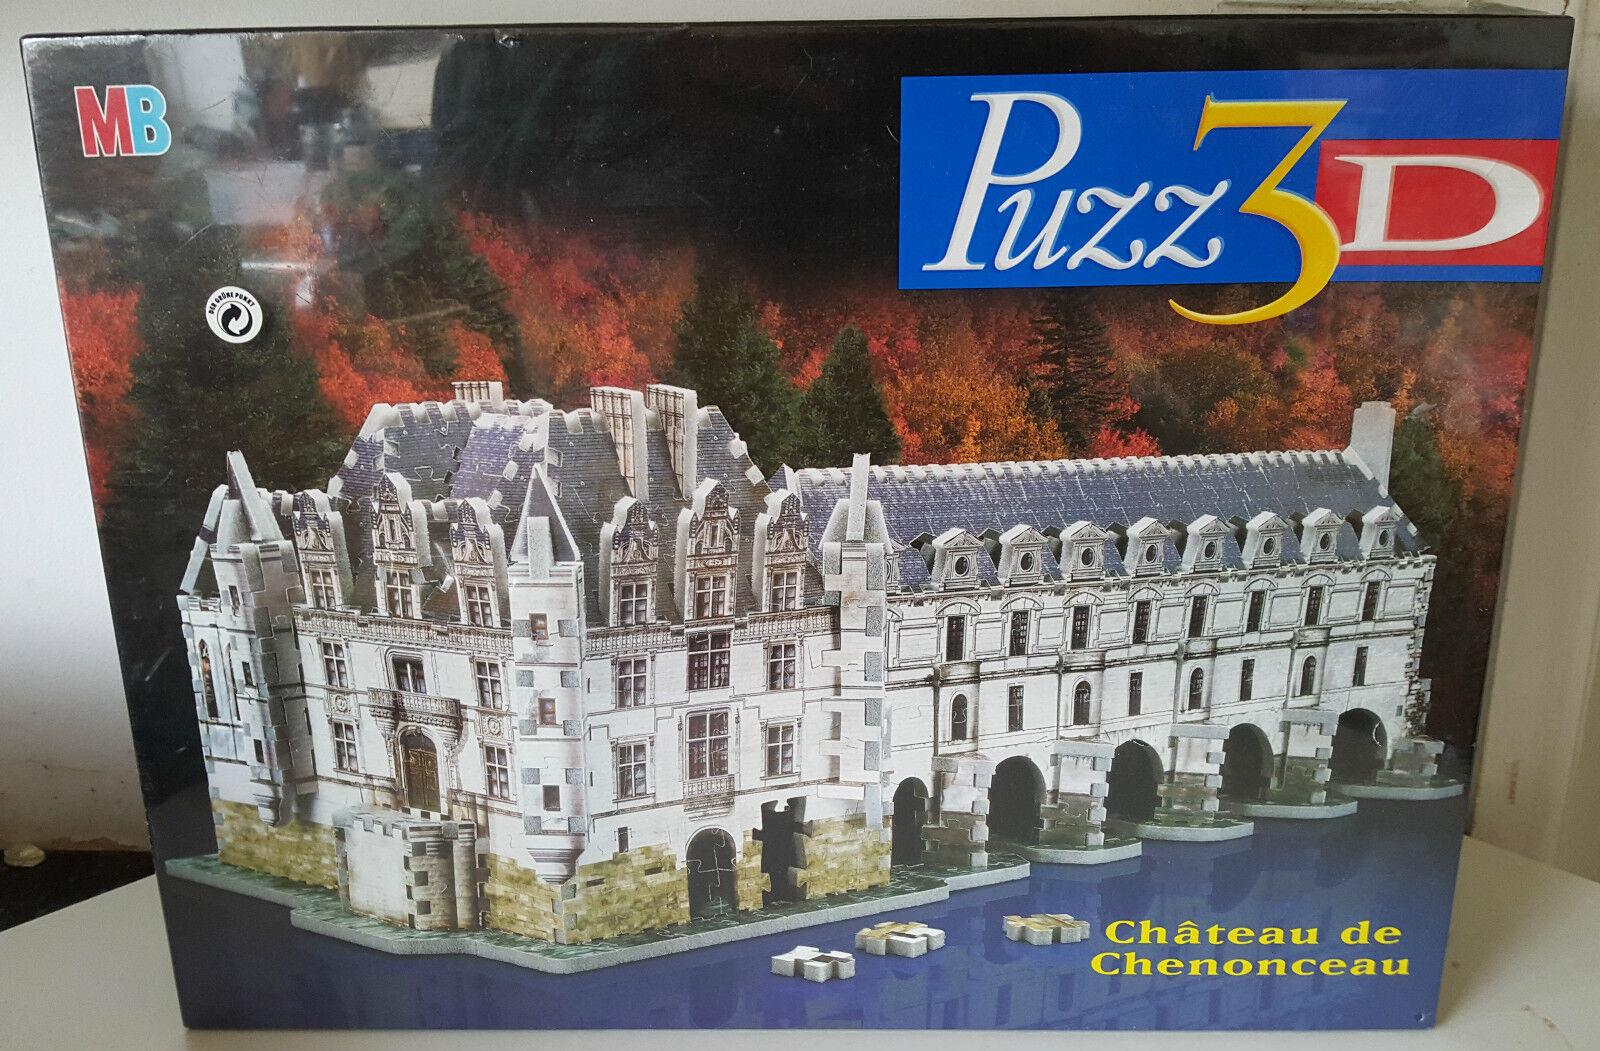 Challenging Puzz 3D Chateau de Chenonceau Puzzle 806 Piece NEW 1996 MB Games